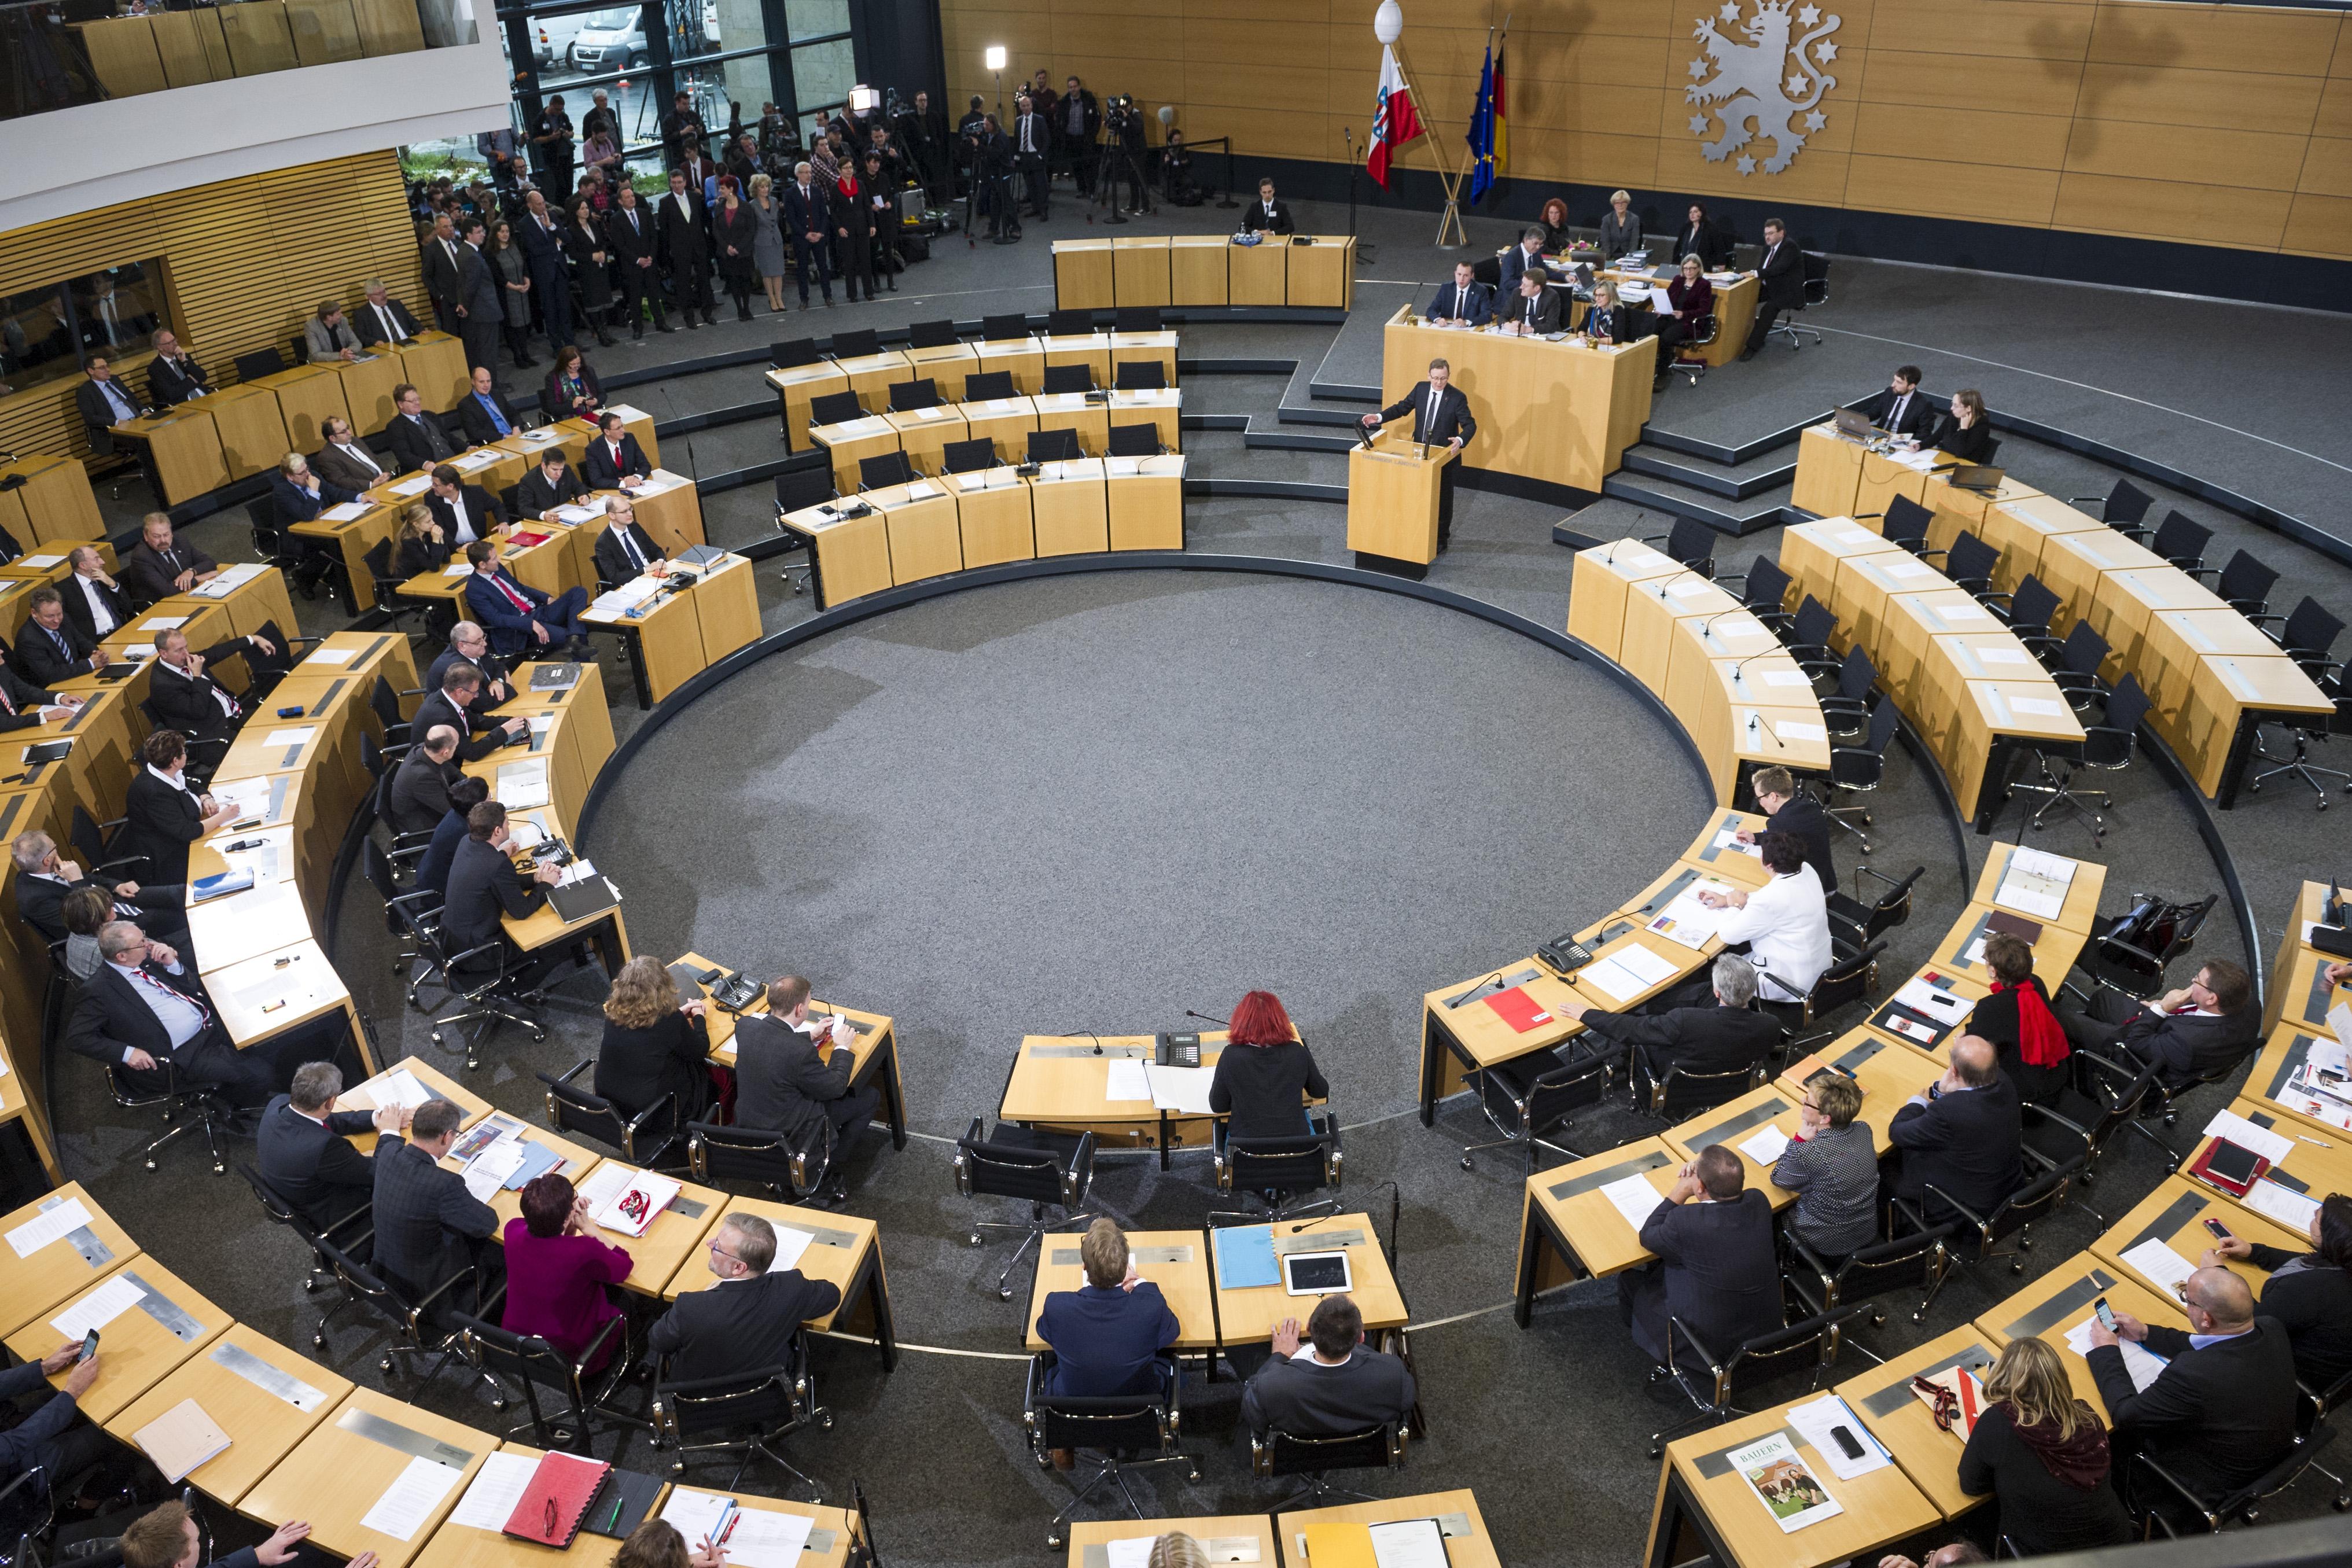 Thüringen: Rache der Bürgerlichen? CDU treibt Rot-Rot-Grün in Sackgasse